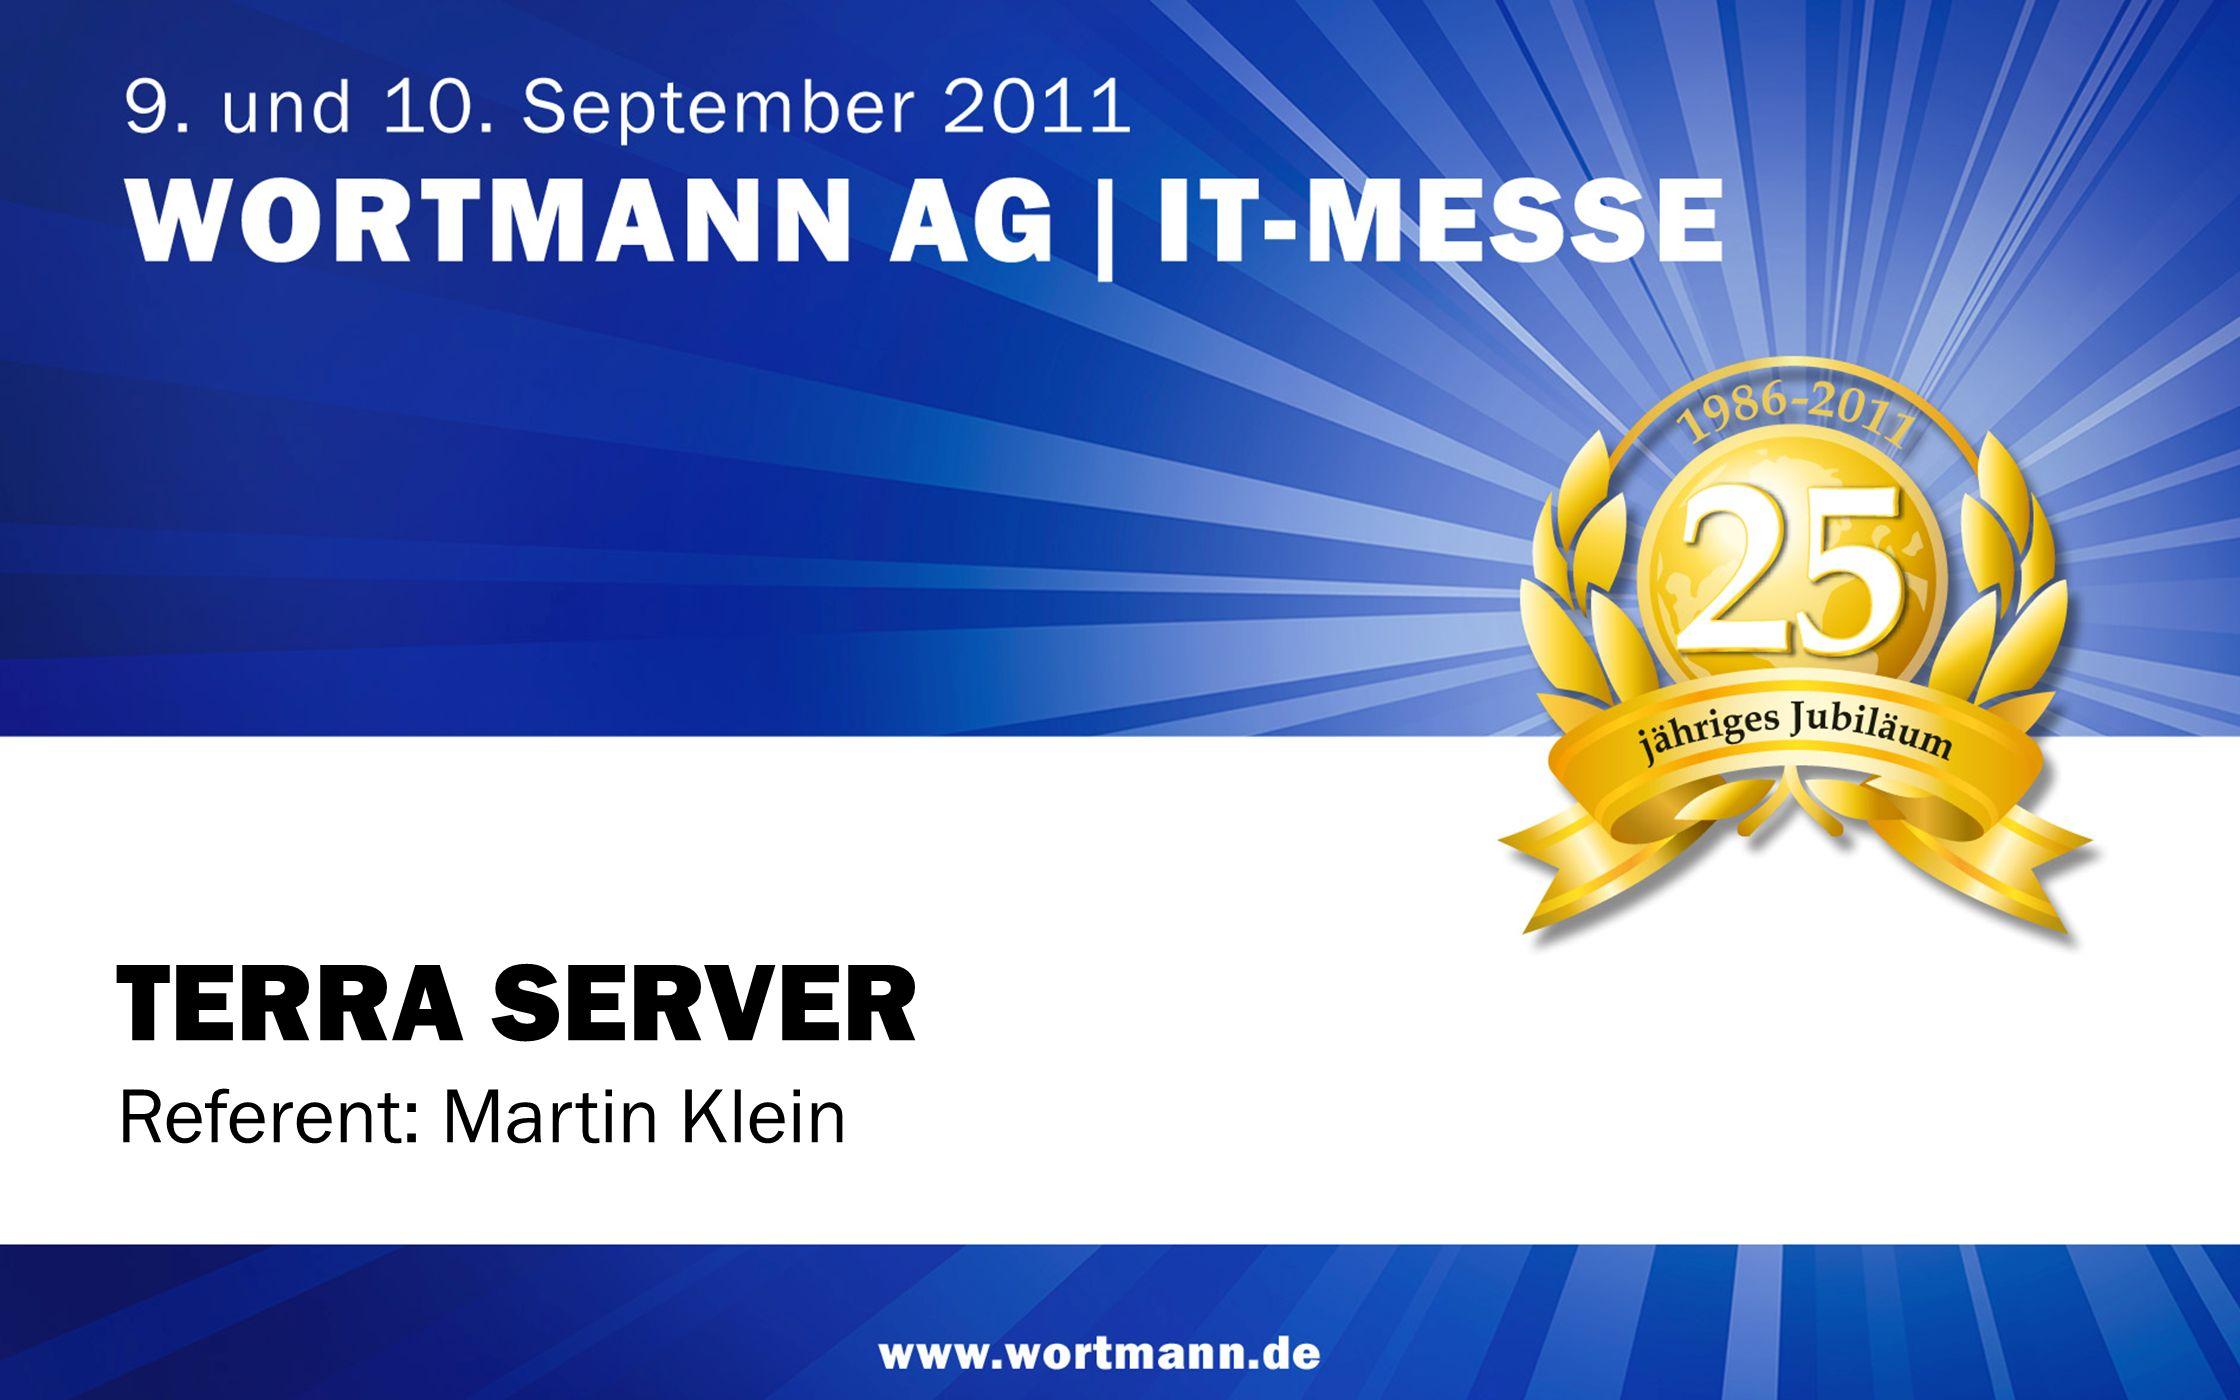 www.wortmann.de TERRA SERVER Referent: Martin Klein